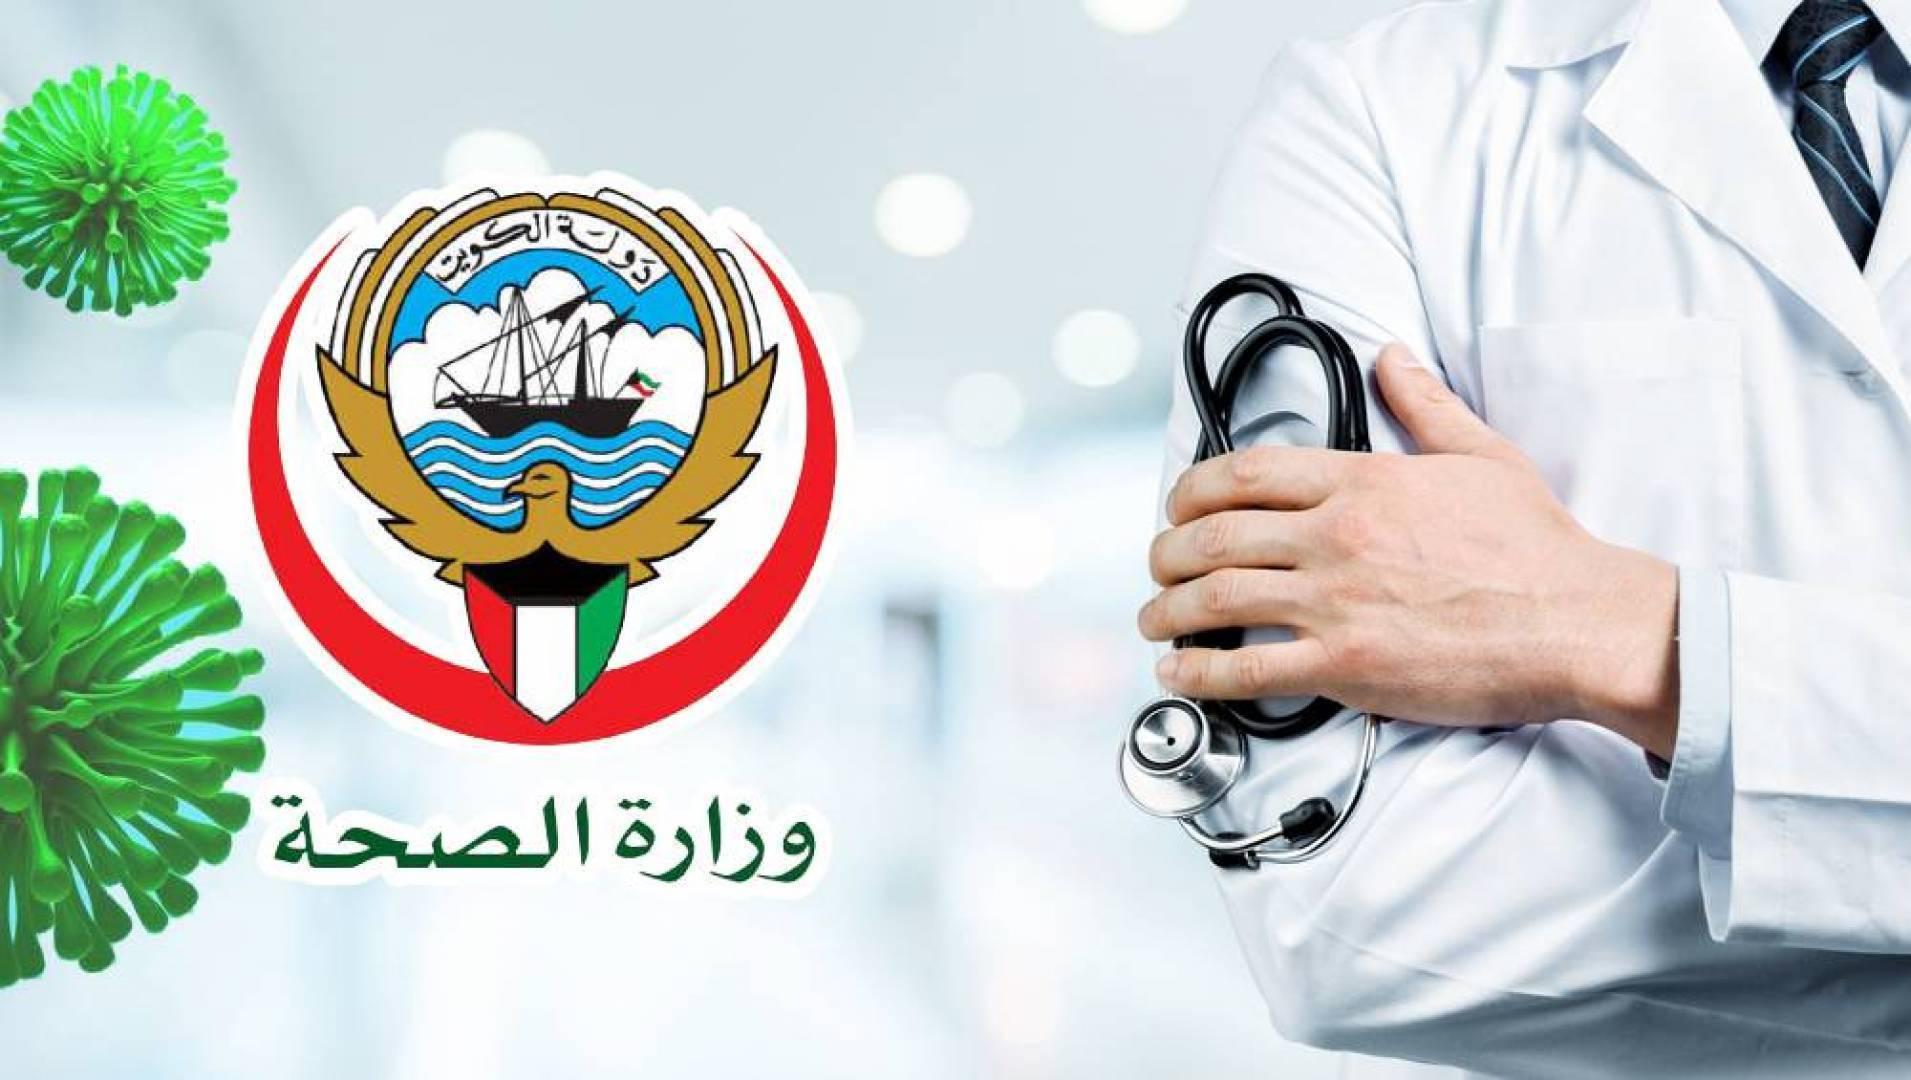 «الصحة» تعتمد آلية للتعامل مع الطواقم الطبية المصابة بفيروس كورونا